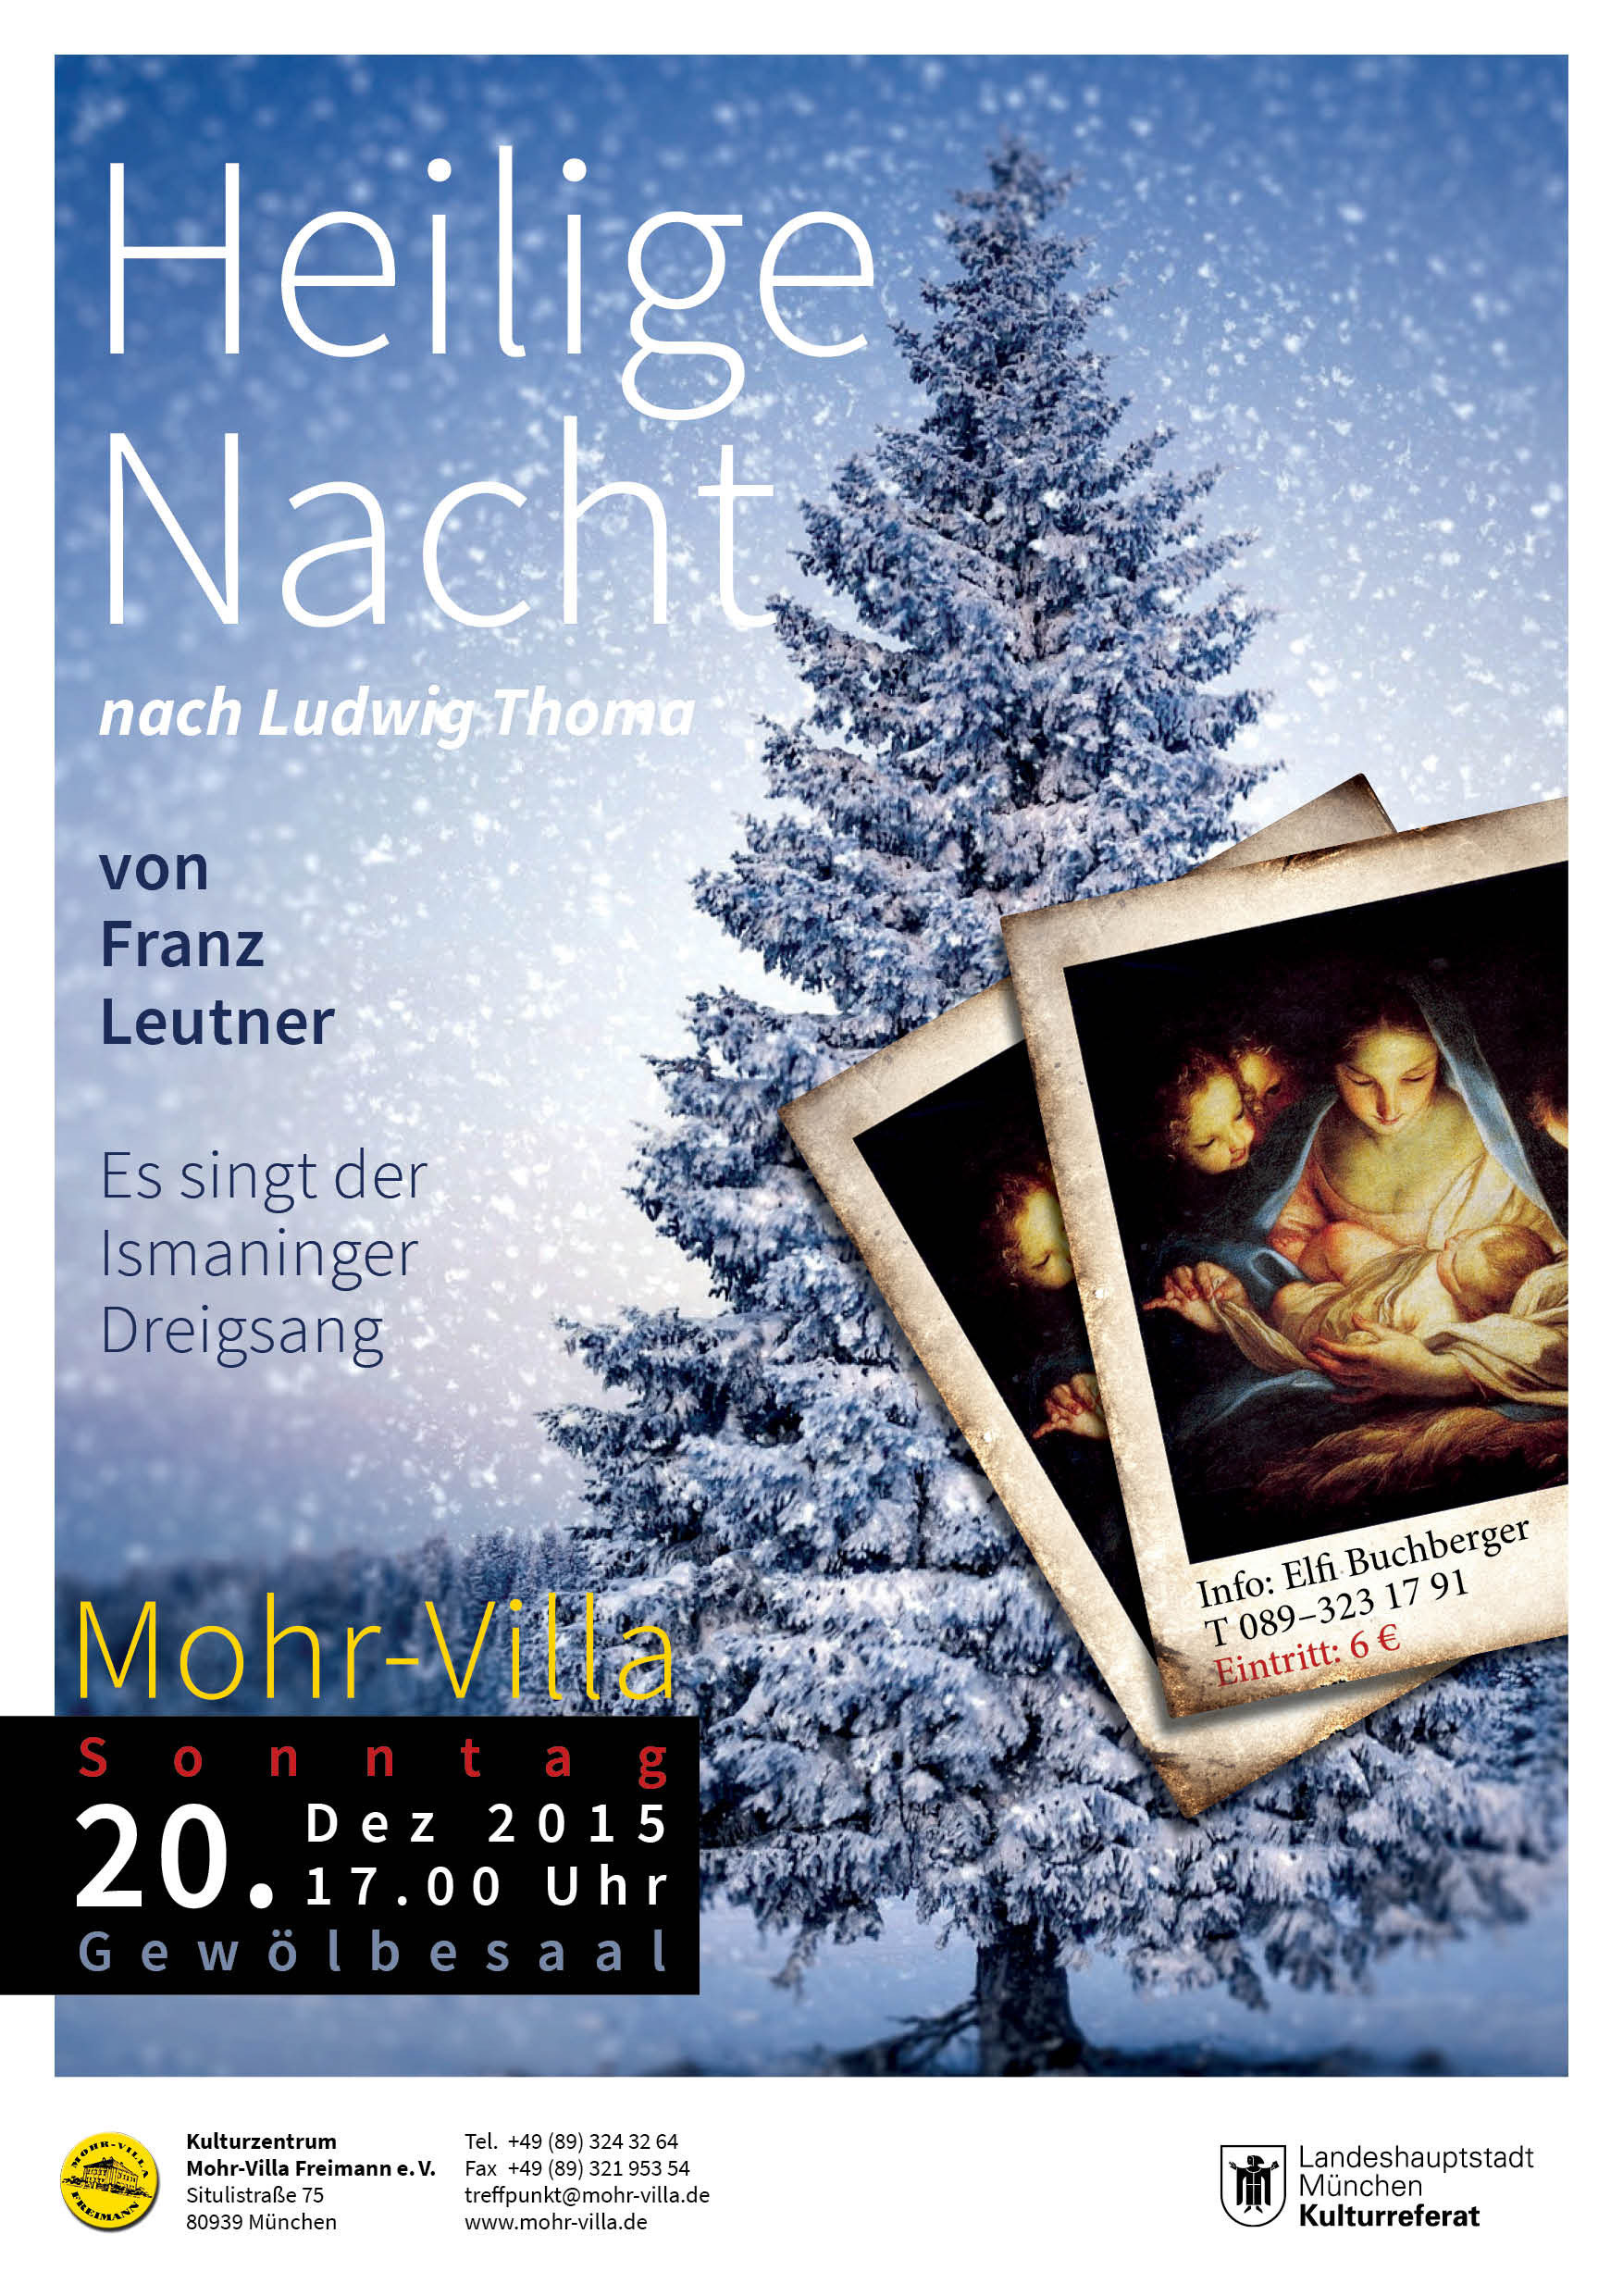 LITERATUR UND LESUNGEN IN DER MOHR VILLA Mohr Villa Freimann